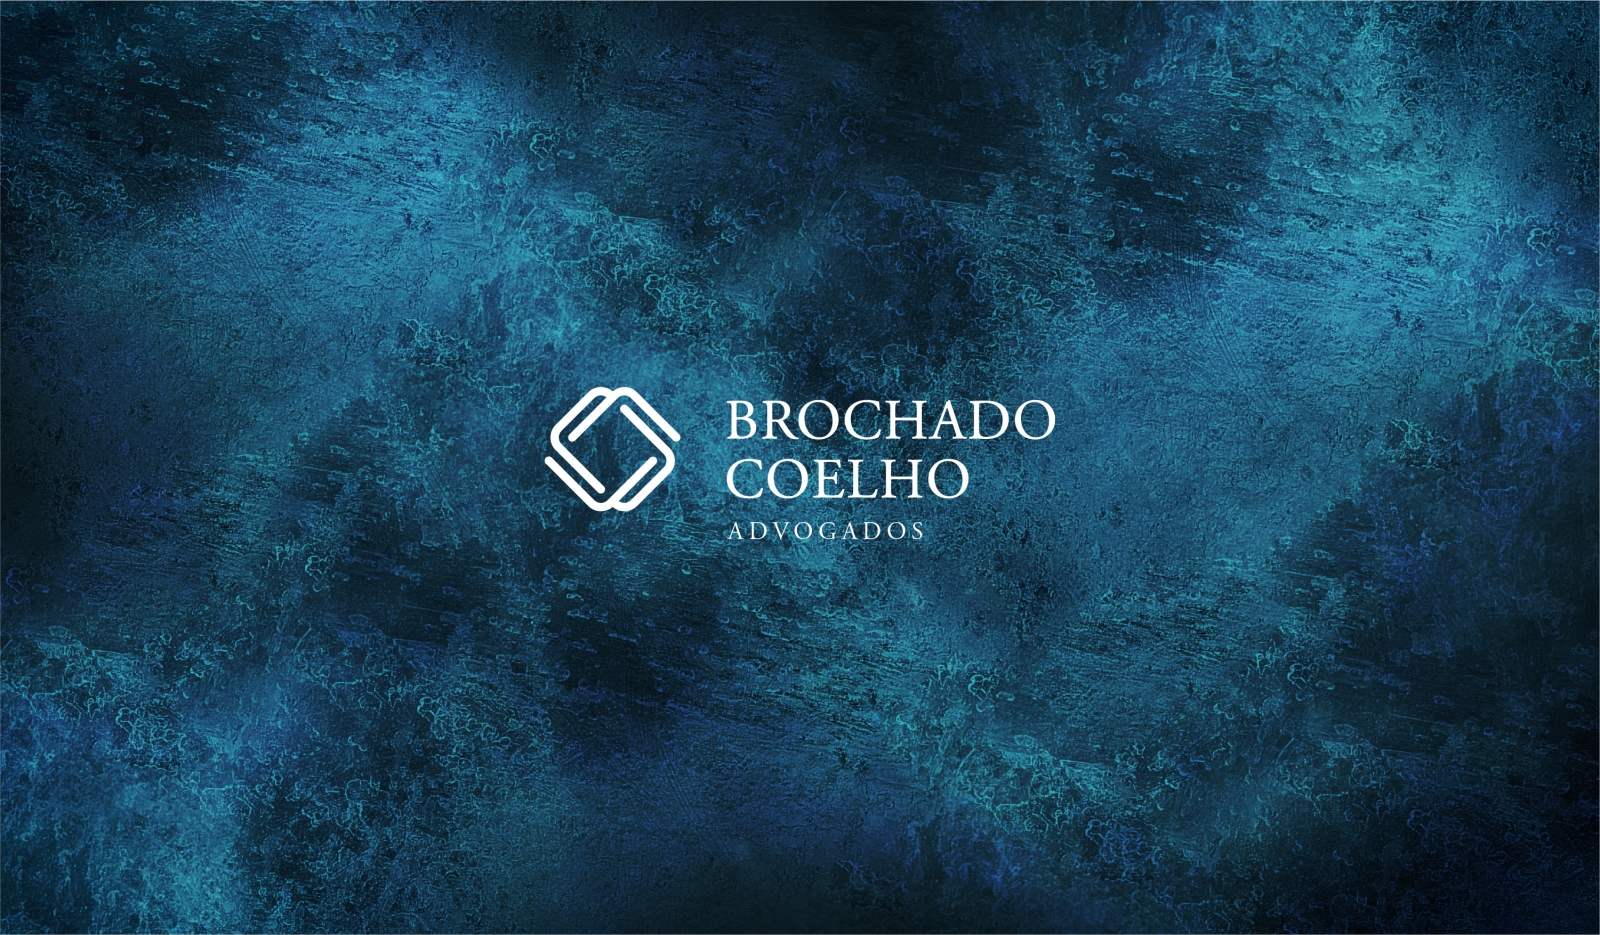 Brochado Coelho Advogados